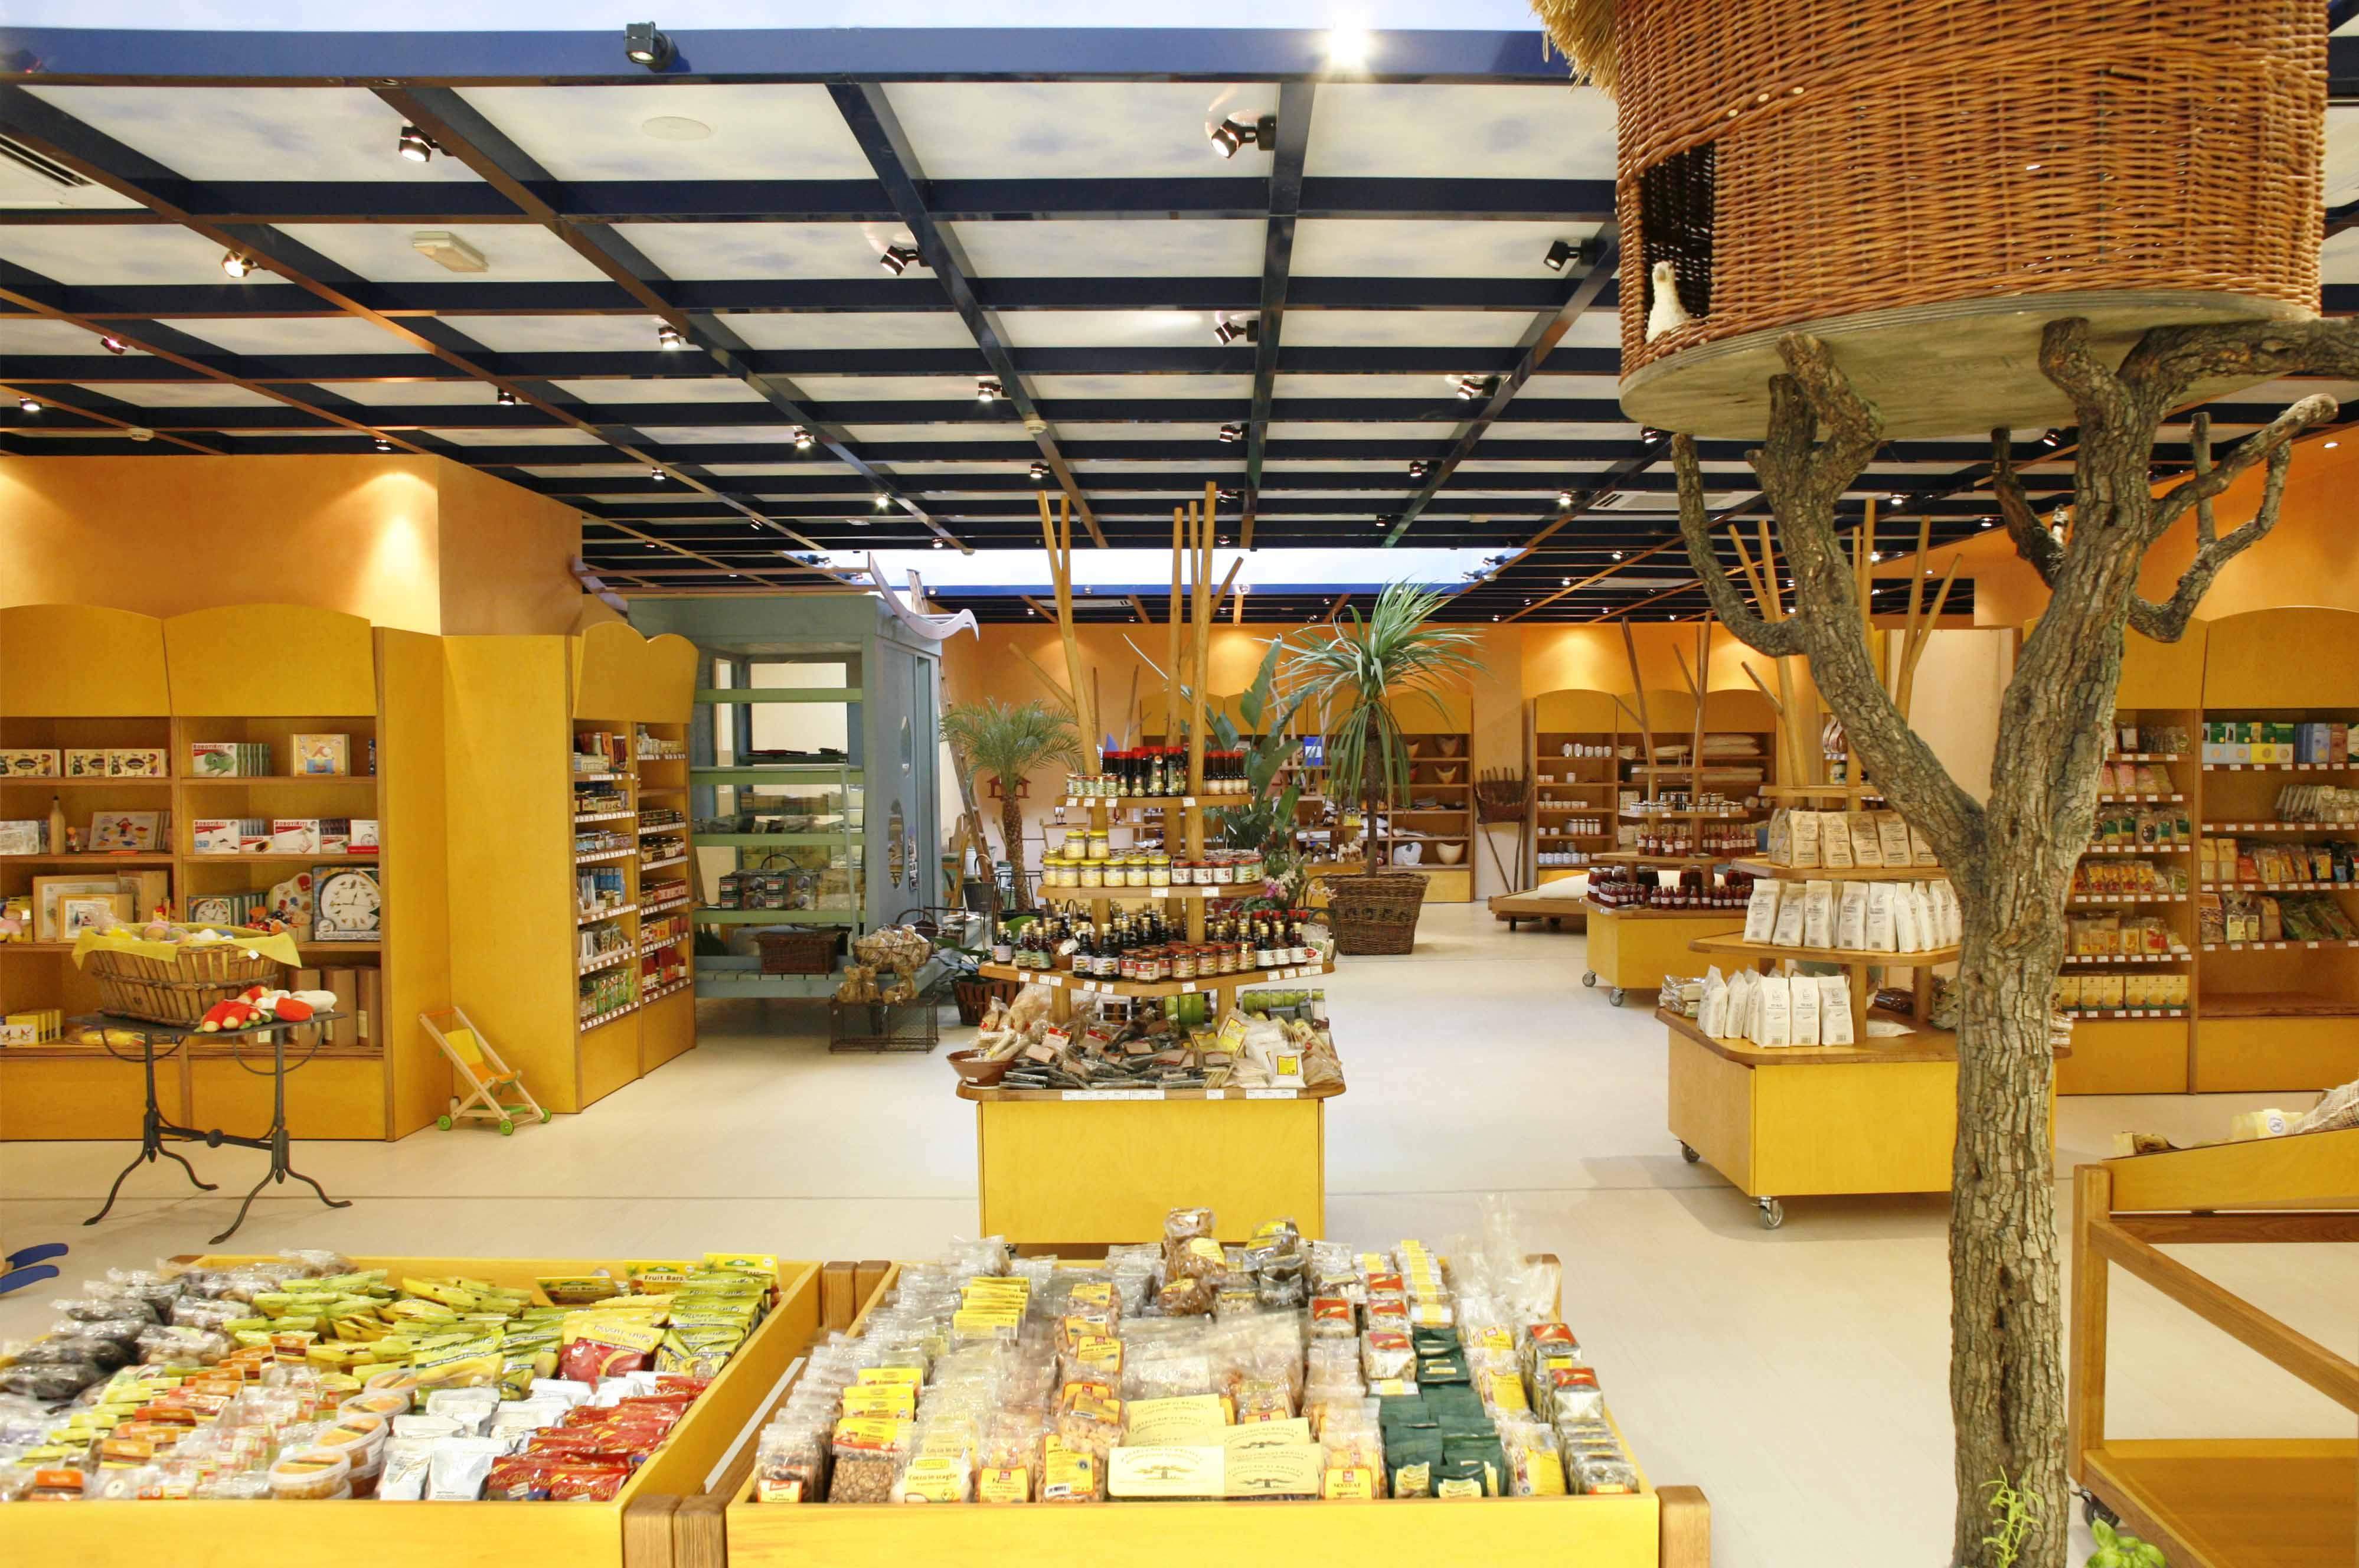 Milano apre il terzo negozio centro botanico essere for Piccole planimetrie a concetto aperto